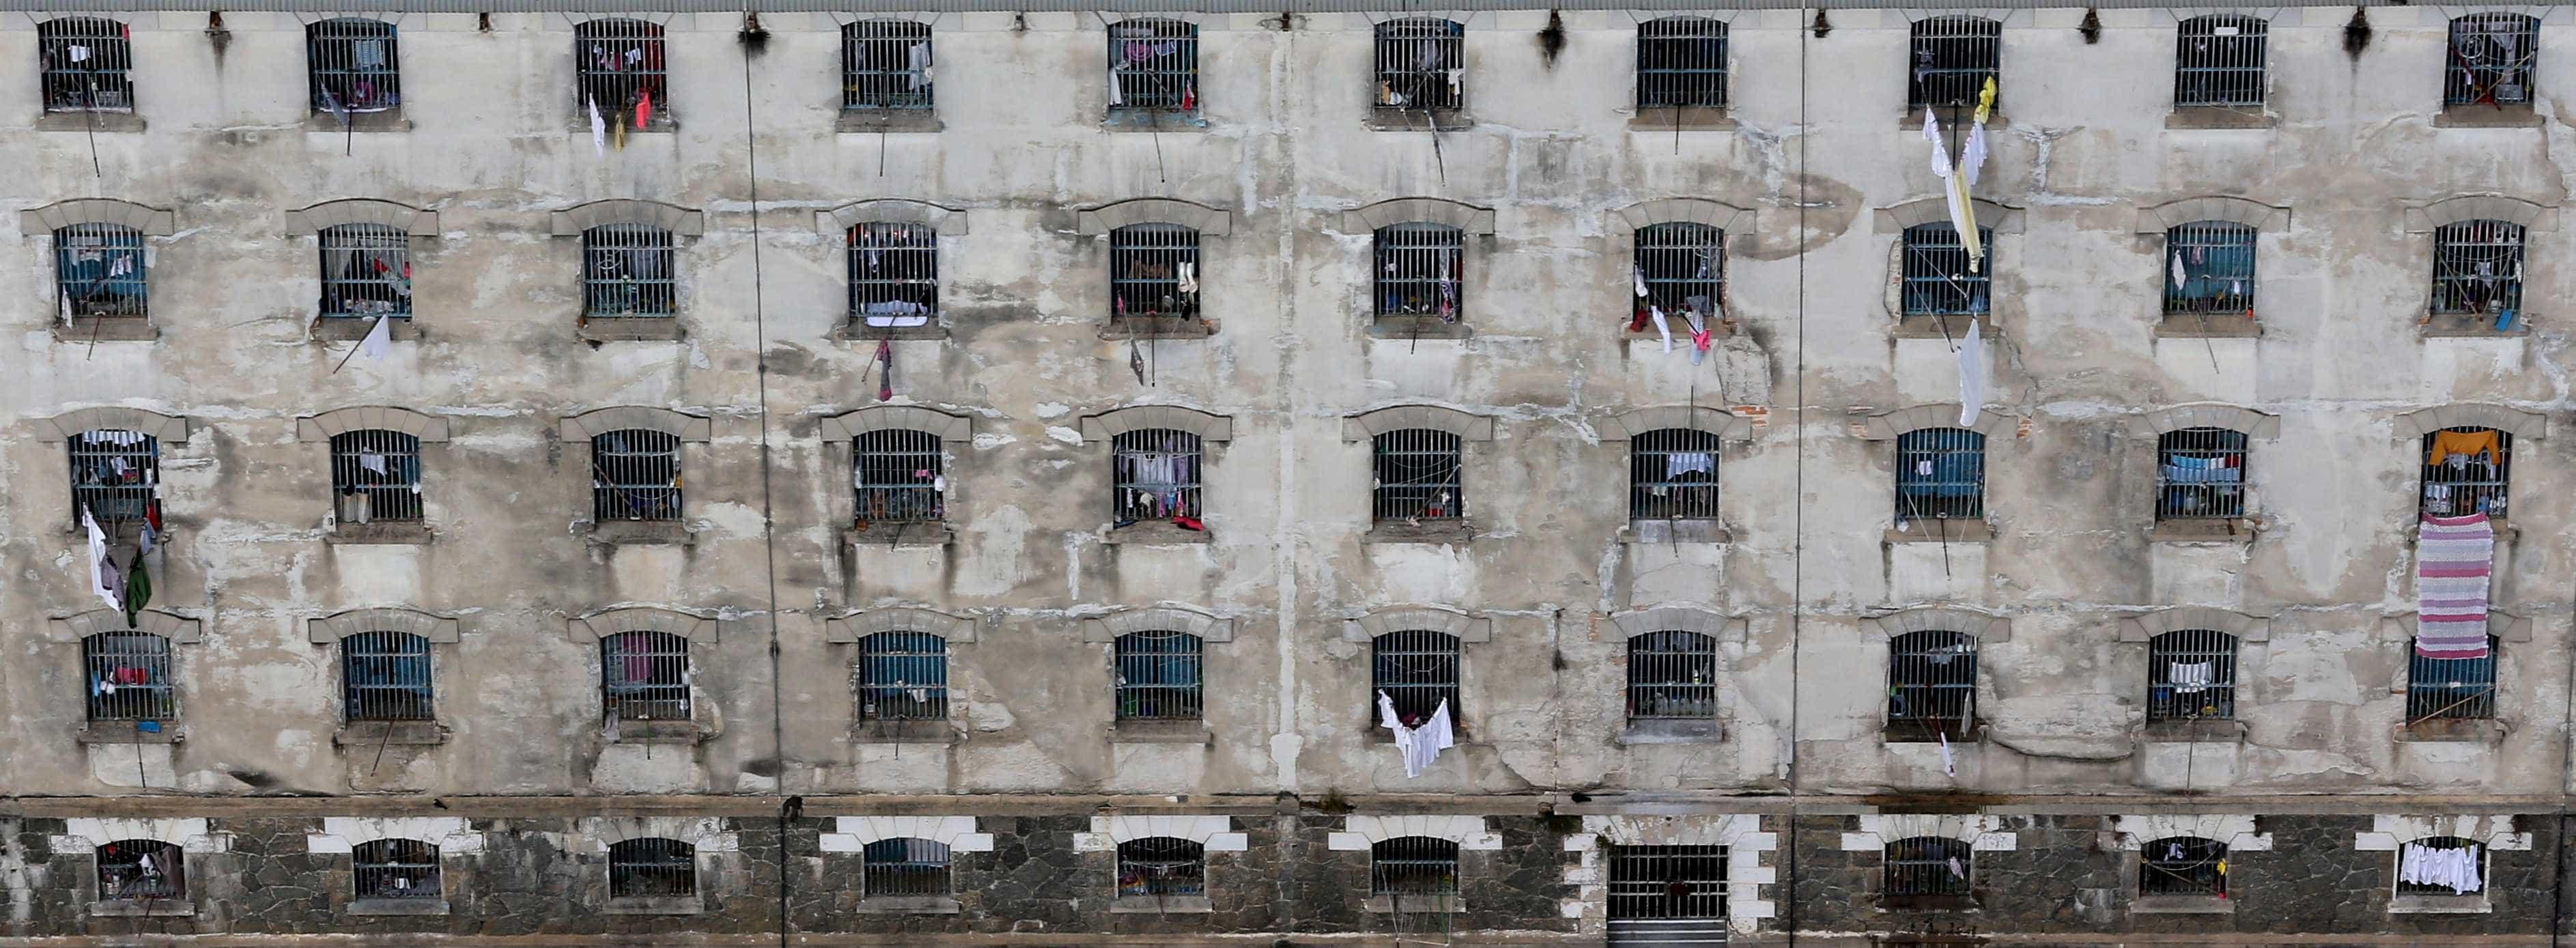 Taxa de ocupação dos presídios brasileiros é de 175%,mostra CNMP